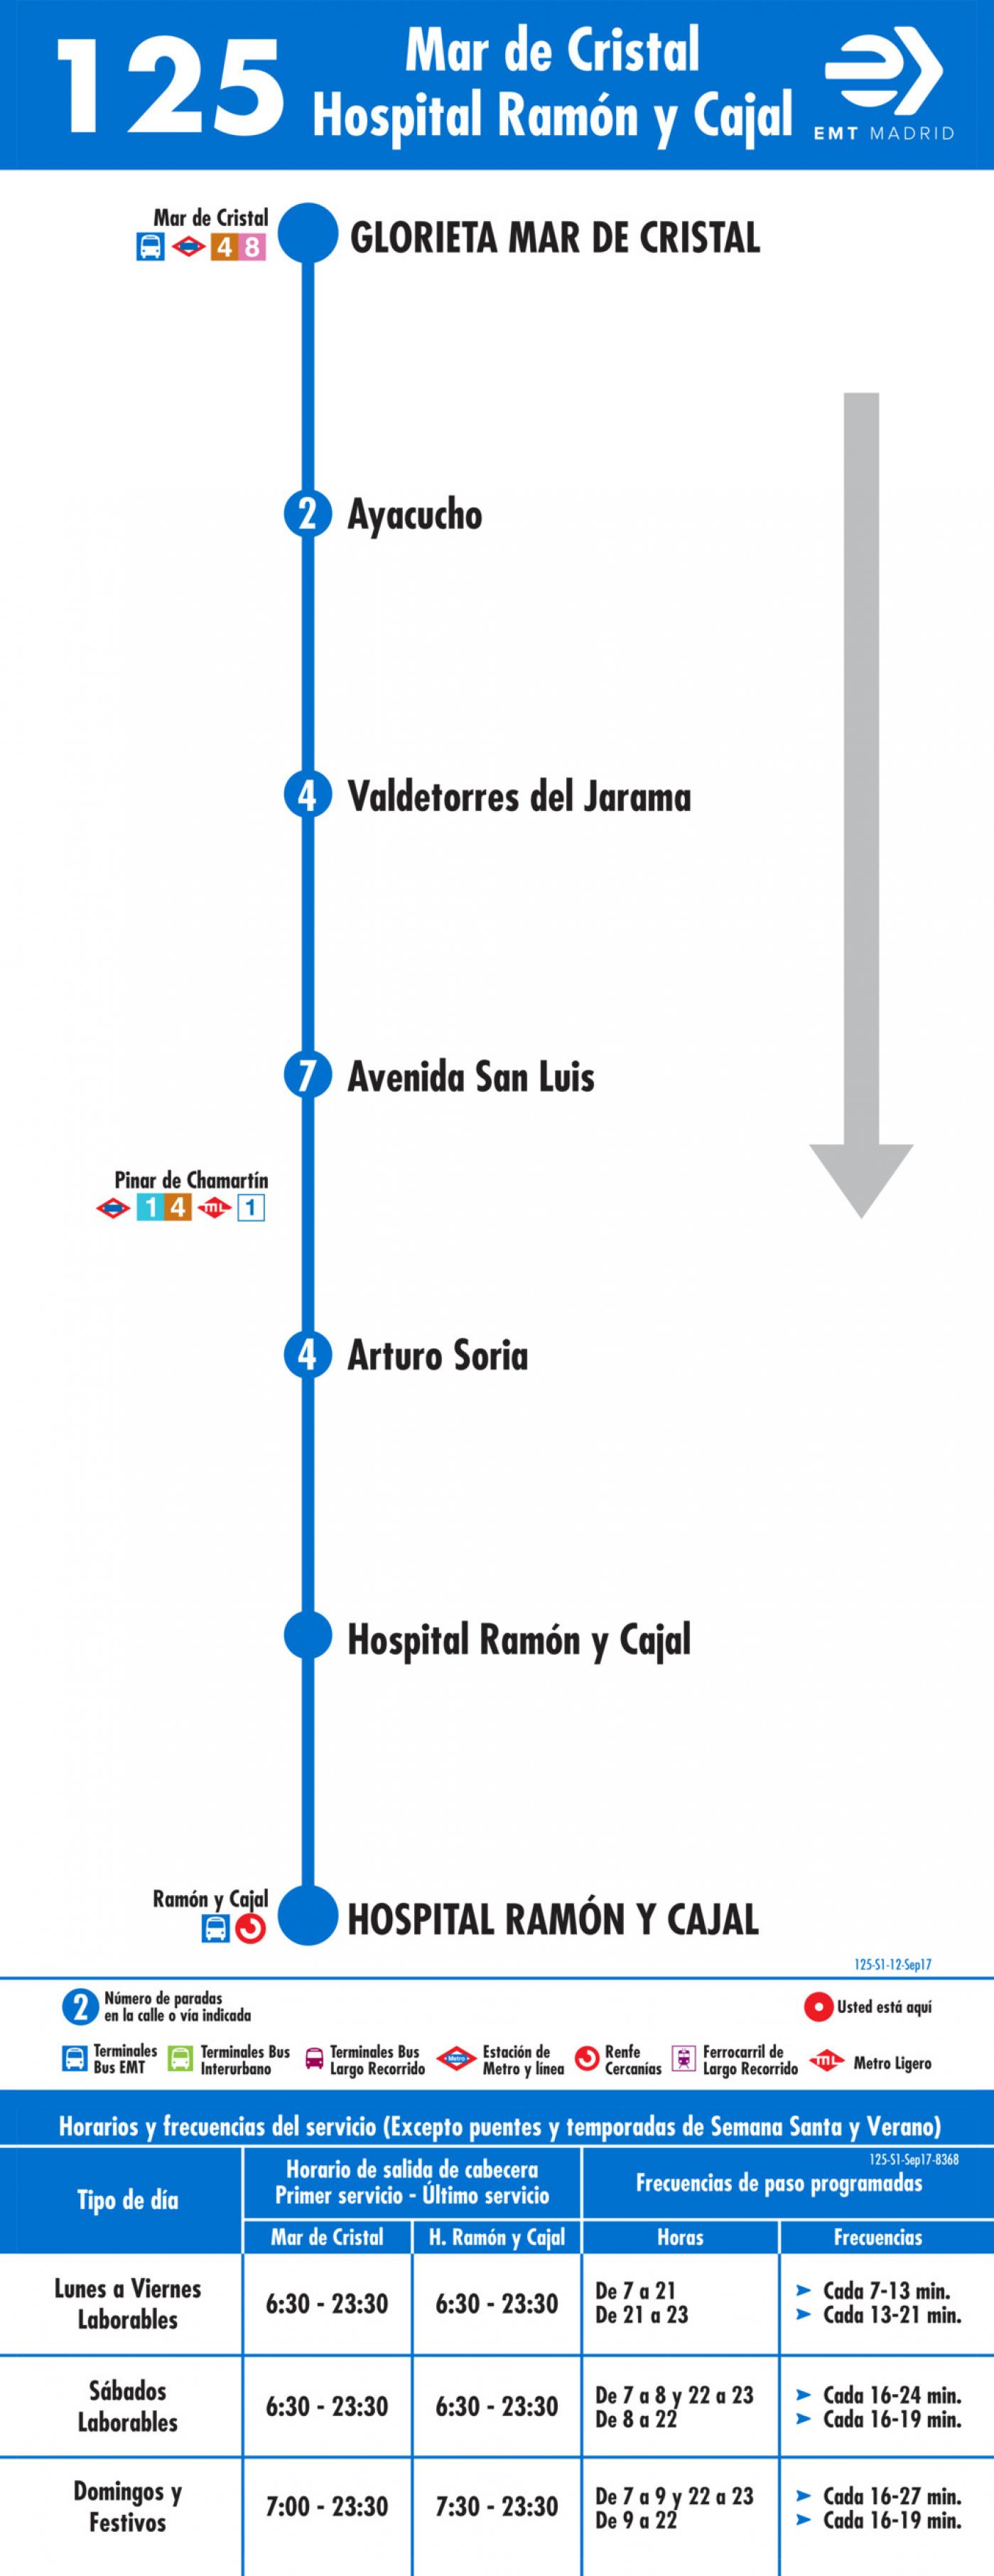 Tabla de horarios y frecuencias de paso en sentido ida Línea 125: Mar de Cristal - Hospital Ramón y Cajal